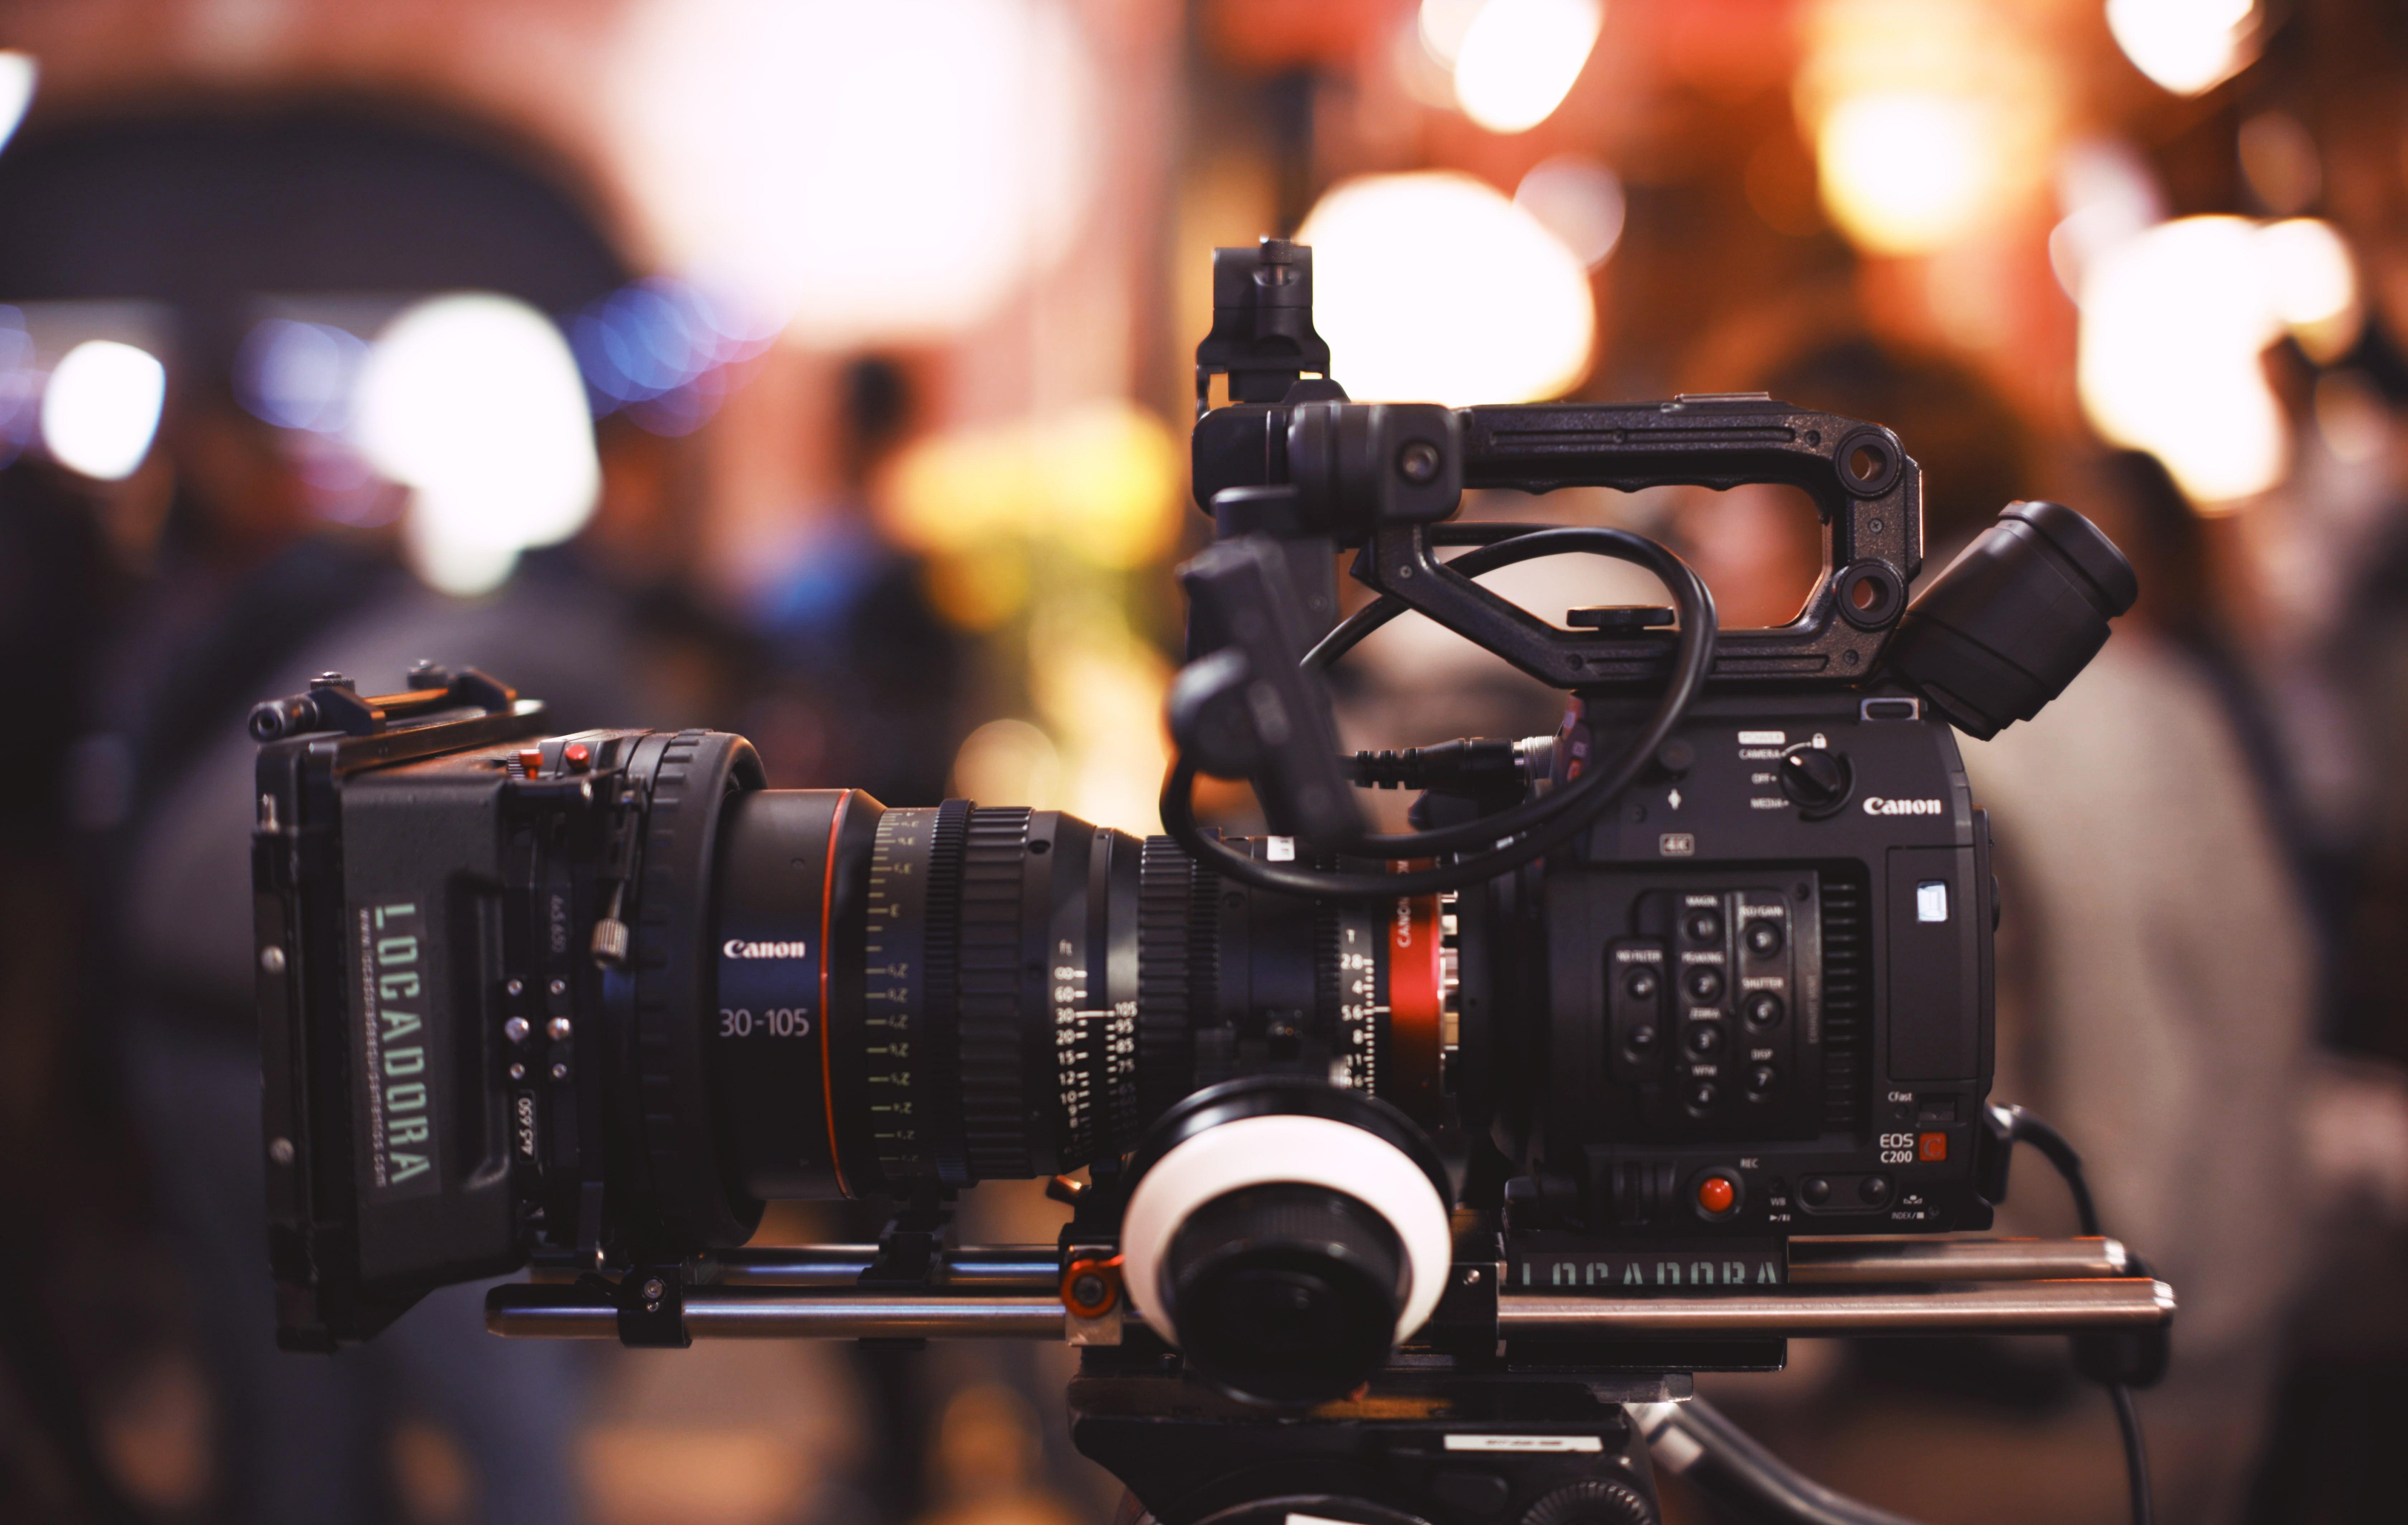 Комедия, драма и ужасы: летние дни клиенты Tele2 проводят за просмотром кино